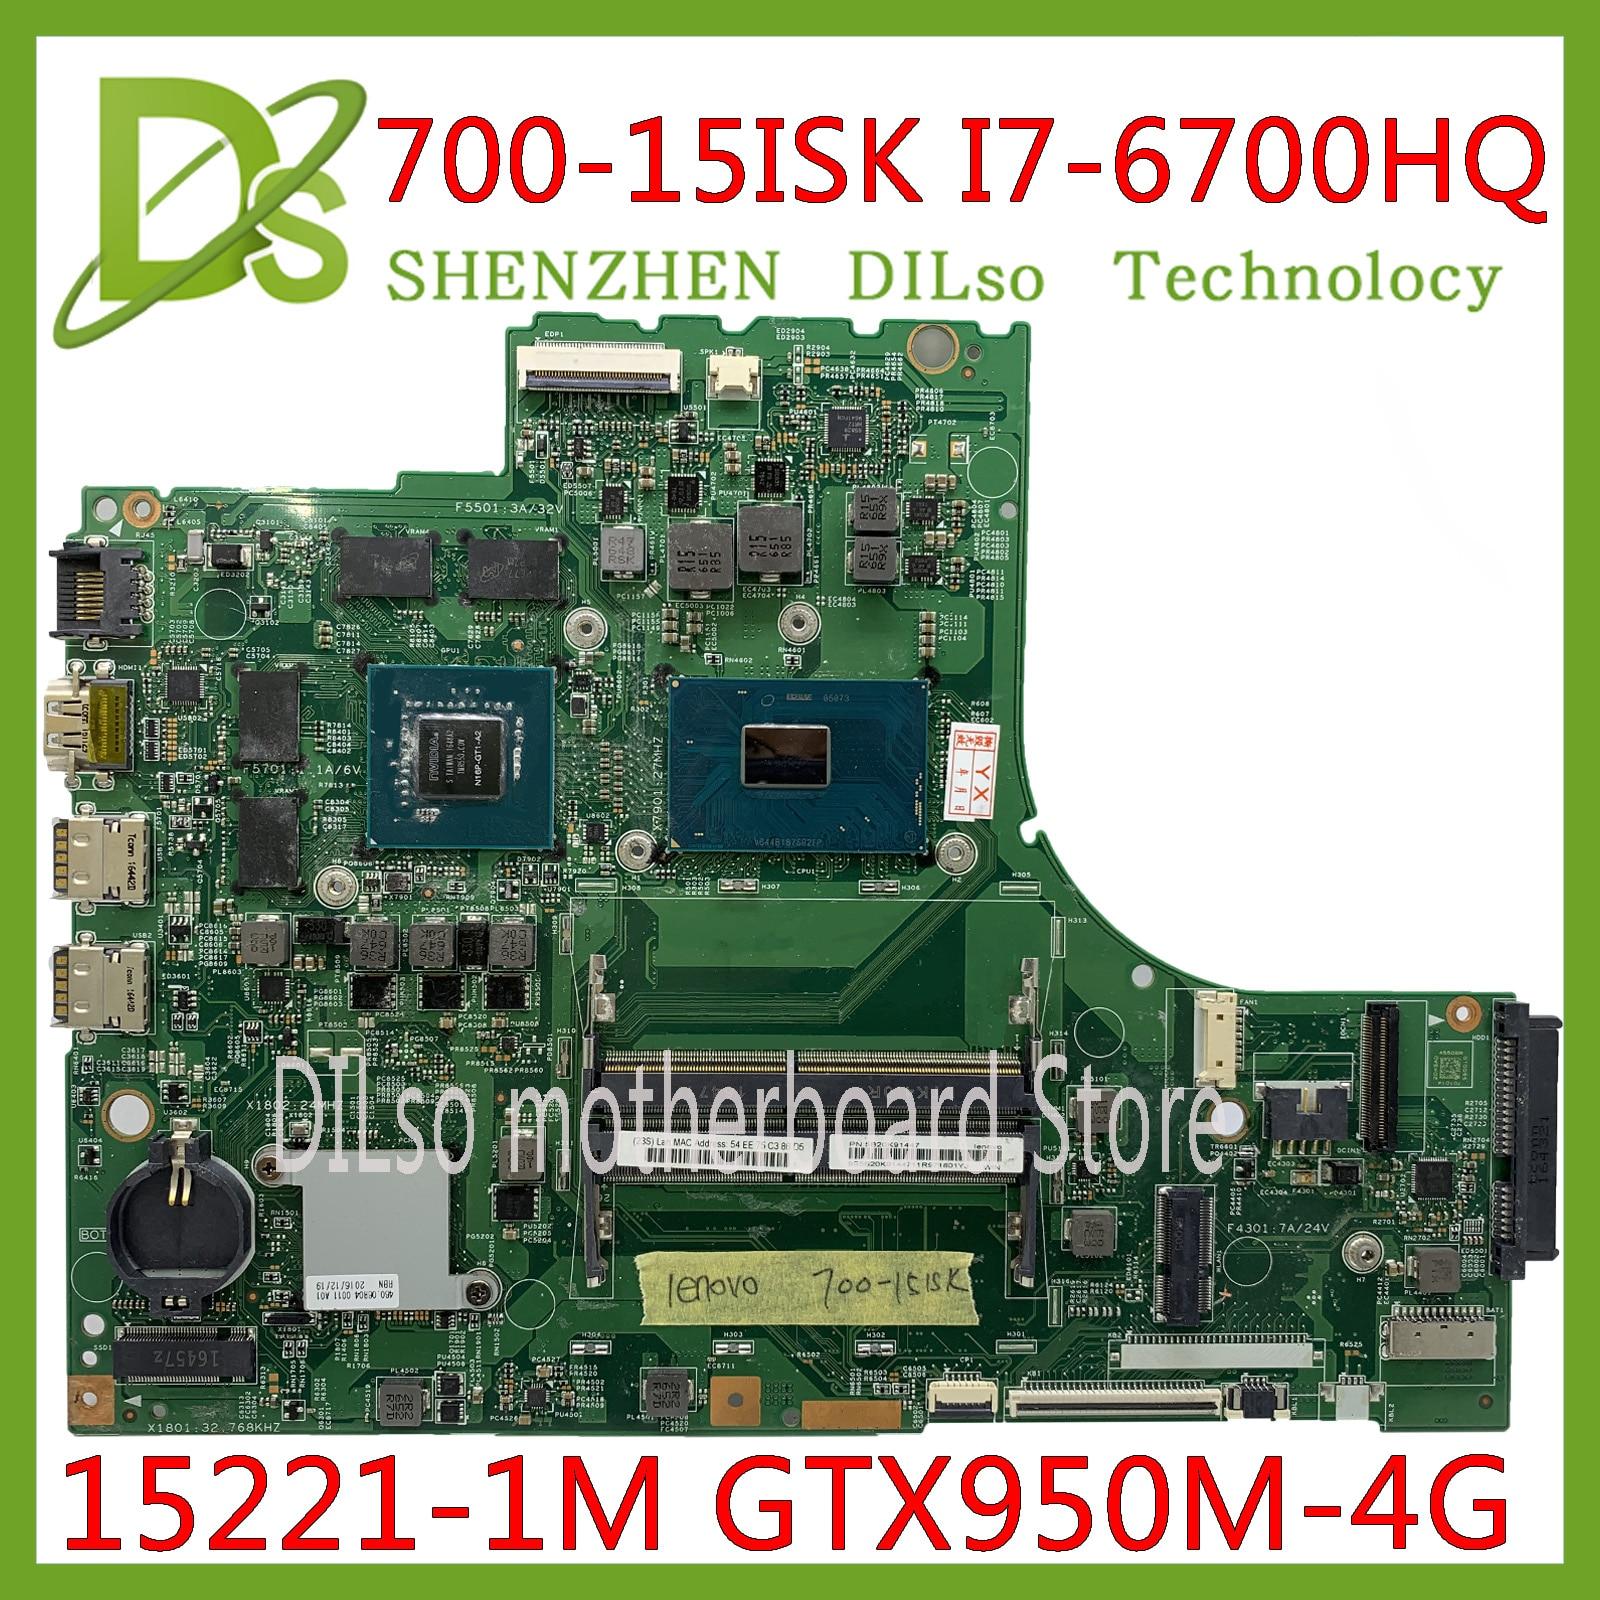 KEFU 700-15ISK motherboards Laptop motherboard para Lenovo 700-15 700-15ISK DDR4 I7-6700HQ GTX950-4GB 15221-1M 448.06R01.001M